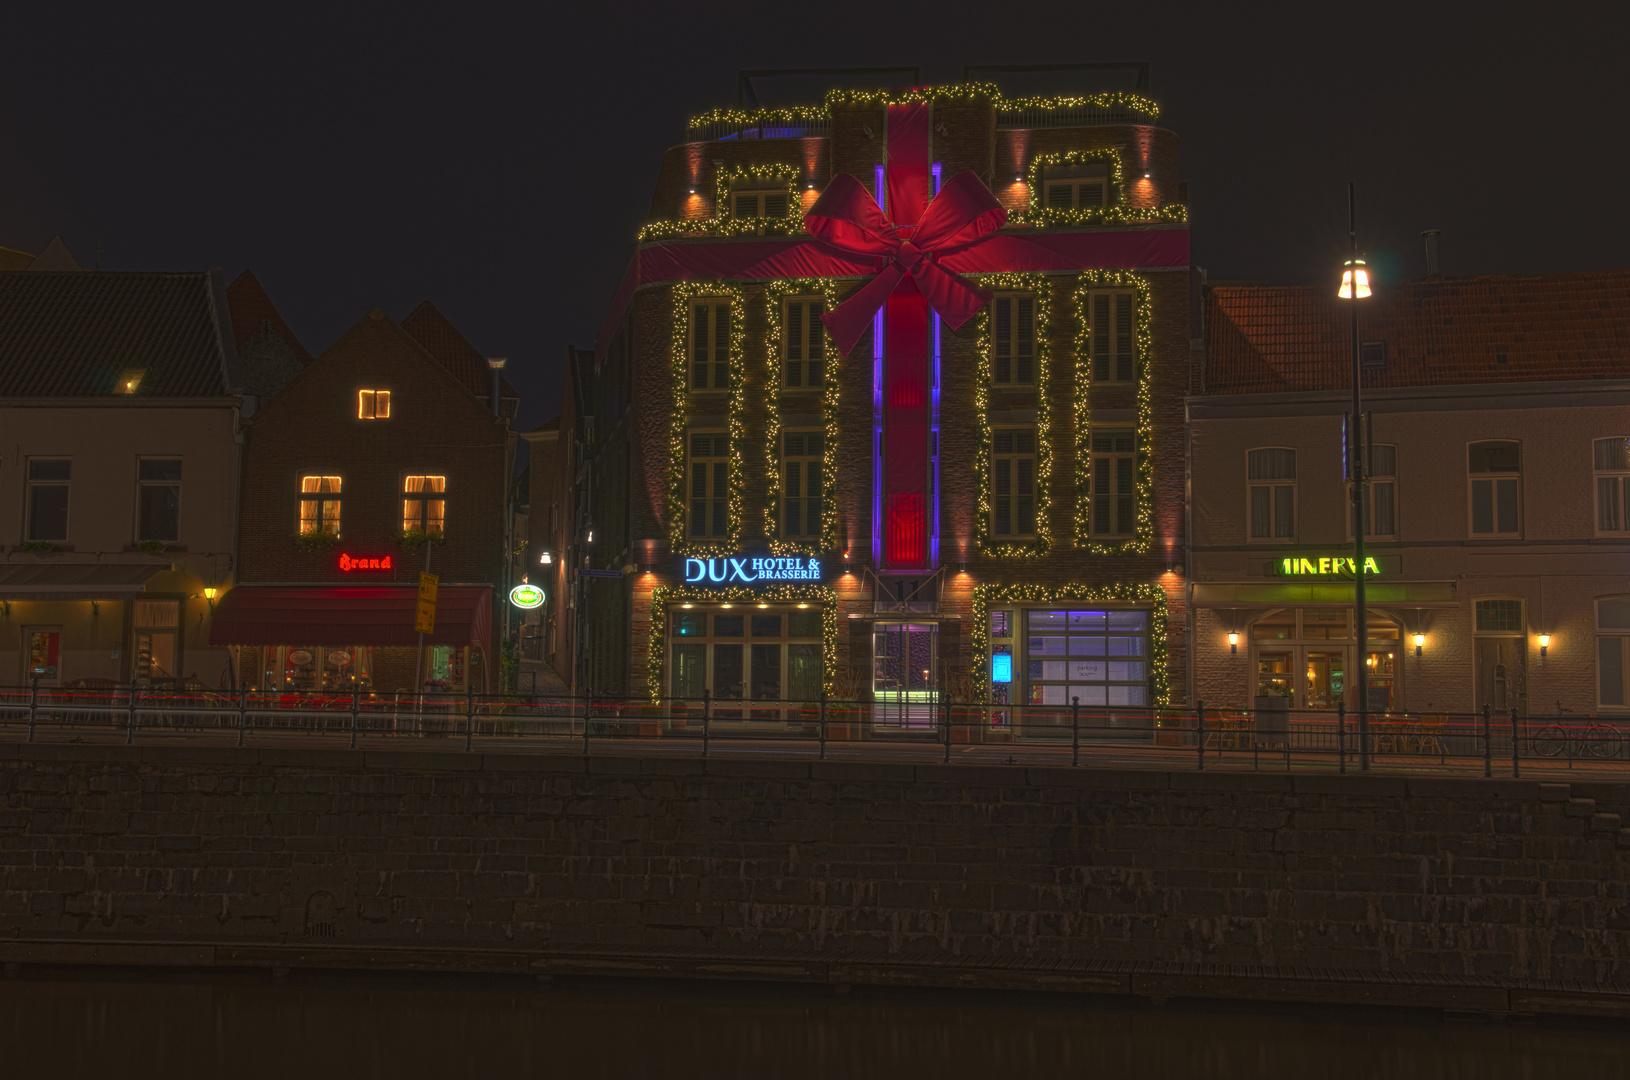 Geschenkpaket Aus Holland Foto Bild Architektur Profanbauten